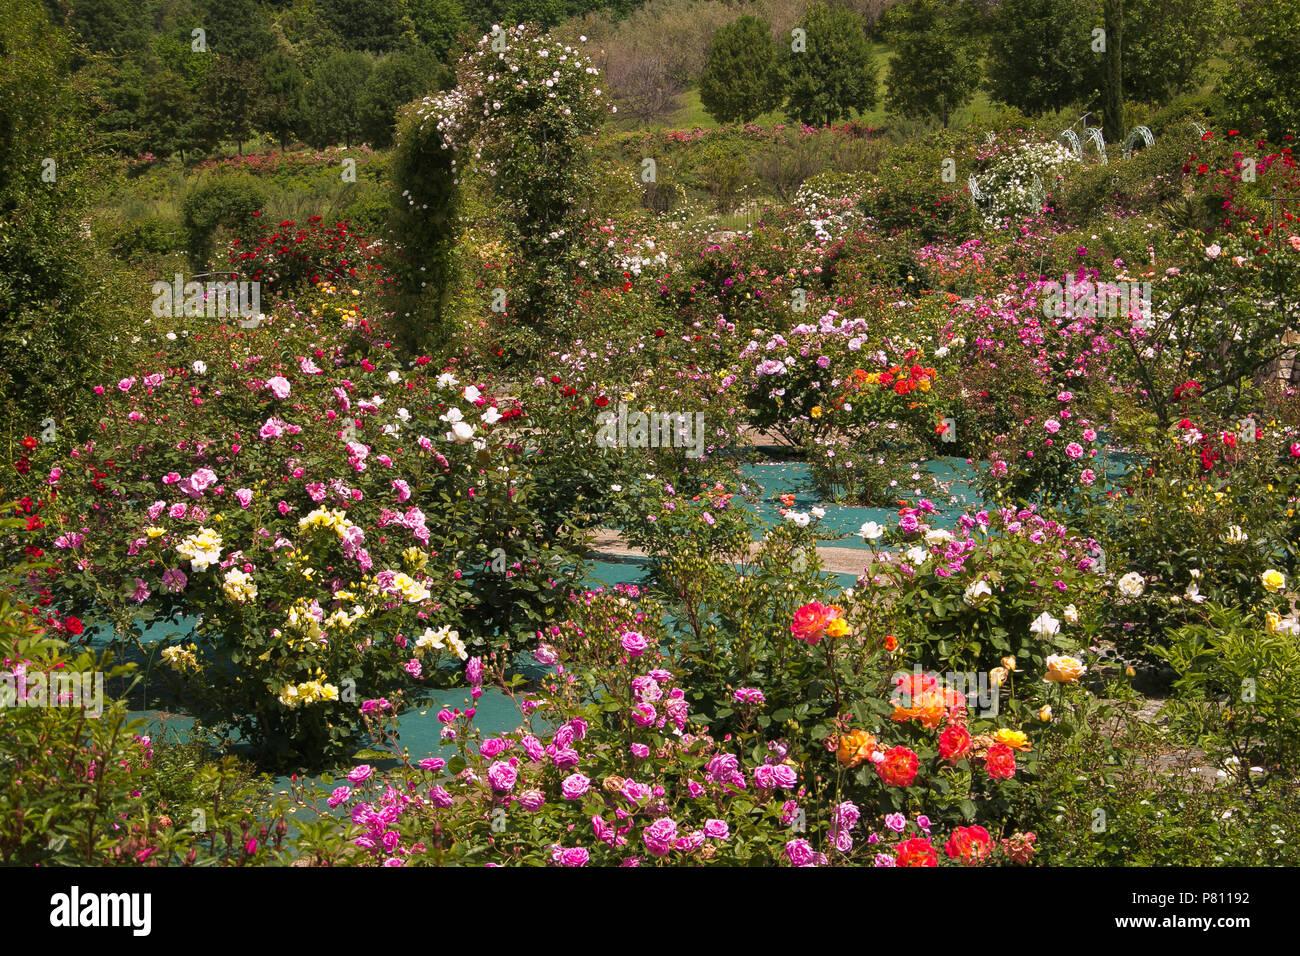 Landscape Beautiful Romantic Enchanted Stock Photos & Landscape ...